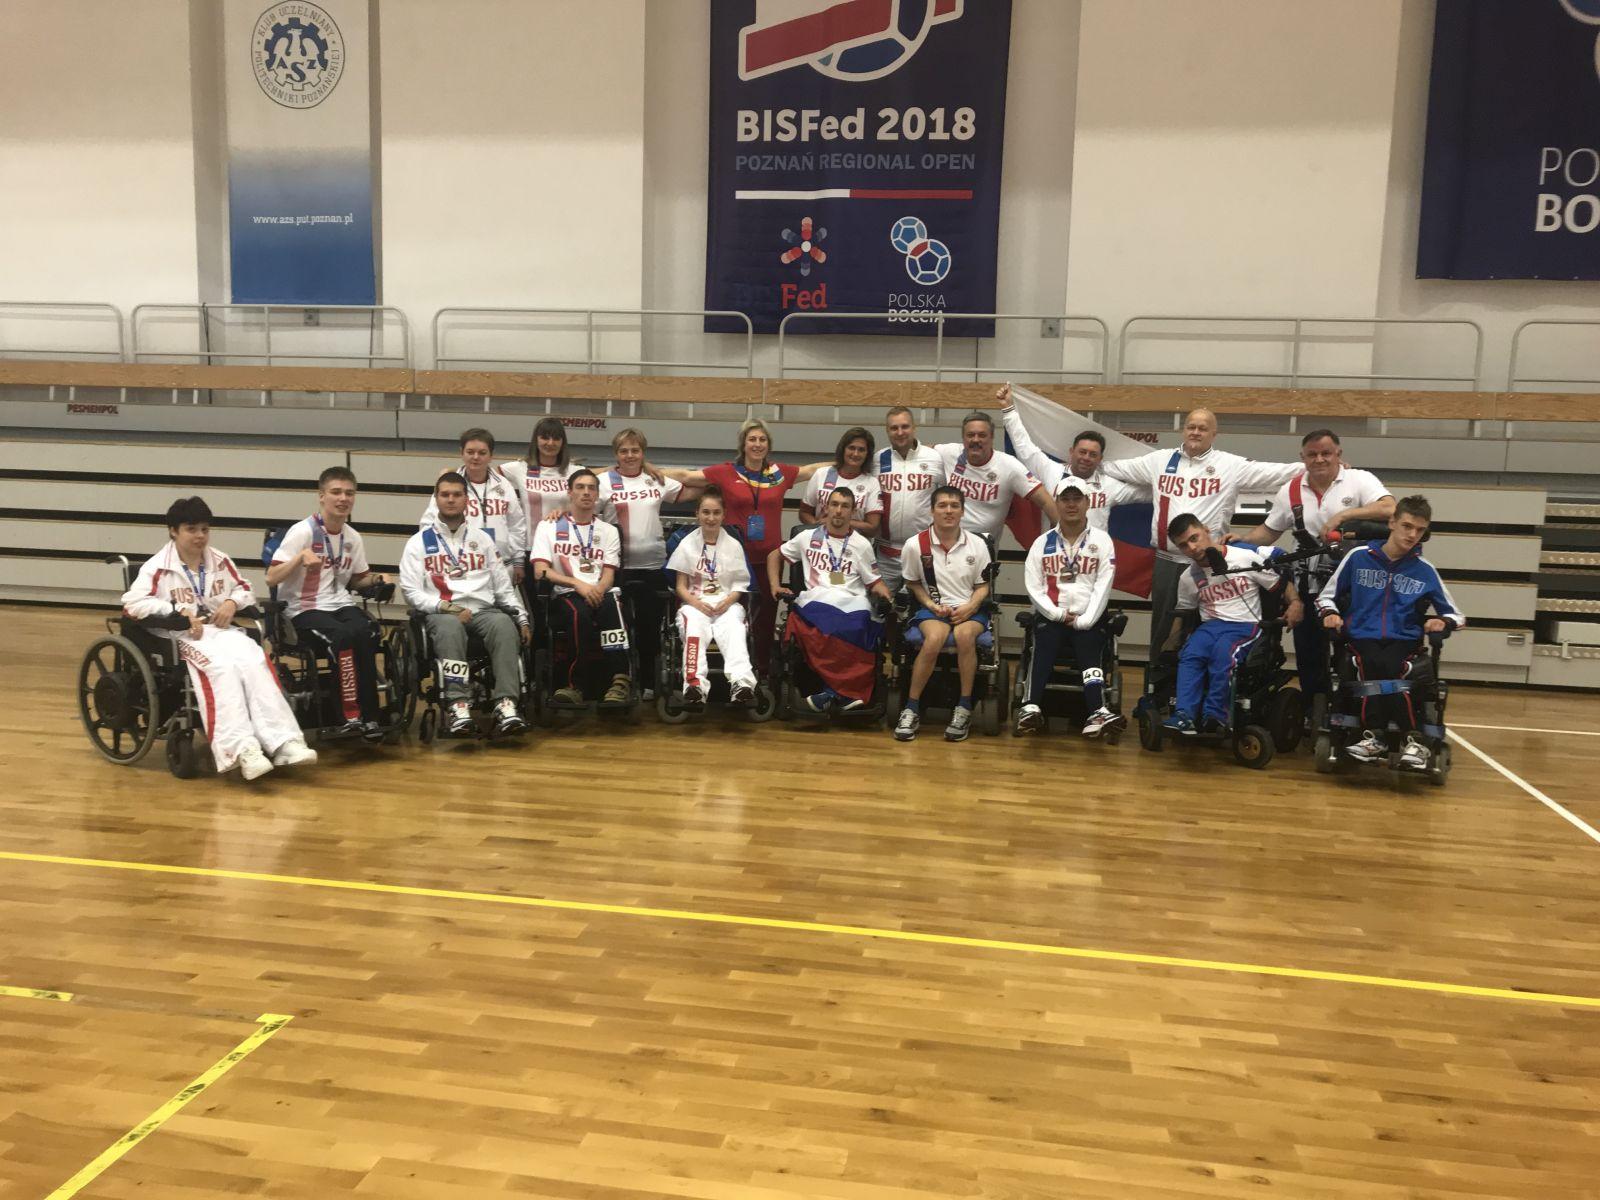 3 золотые, 2 серебряную и 1 бронзовую медали завоевали российские спортсмены на международных соревнованиях по бочча в Польше